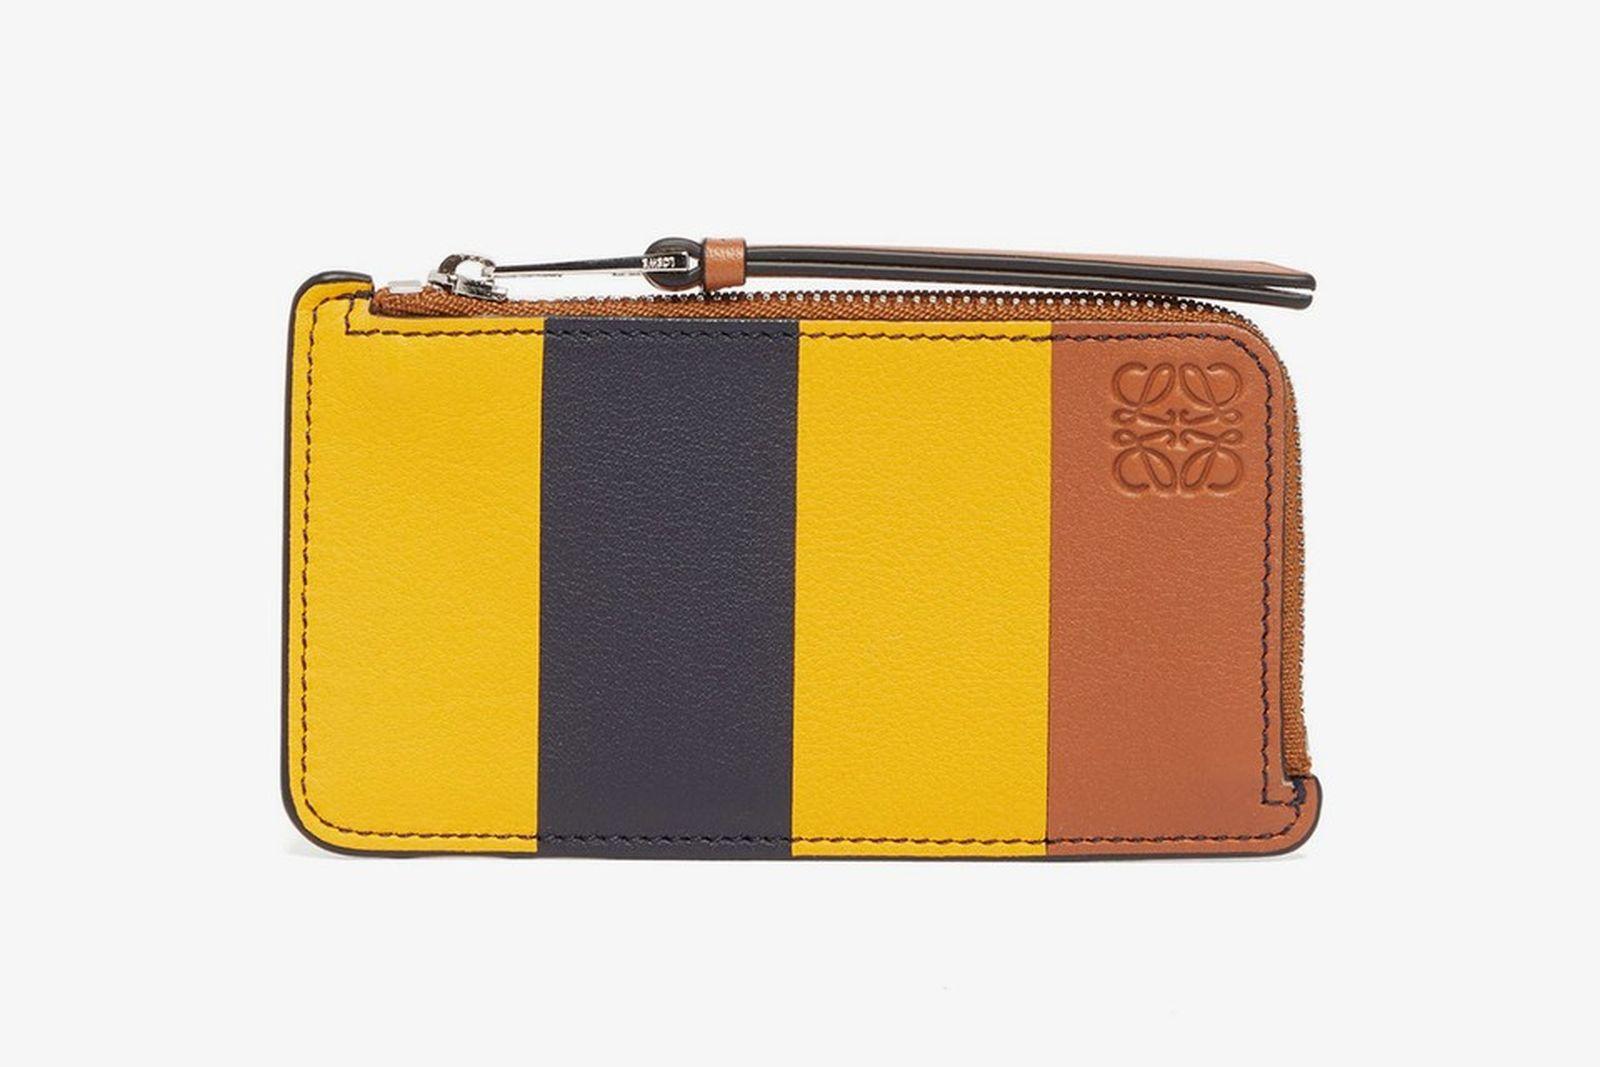 luxury wallets main1 Acne Studios Loewe burberry